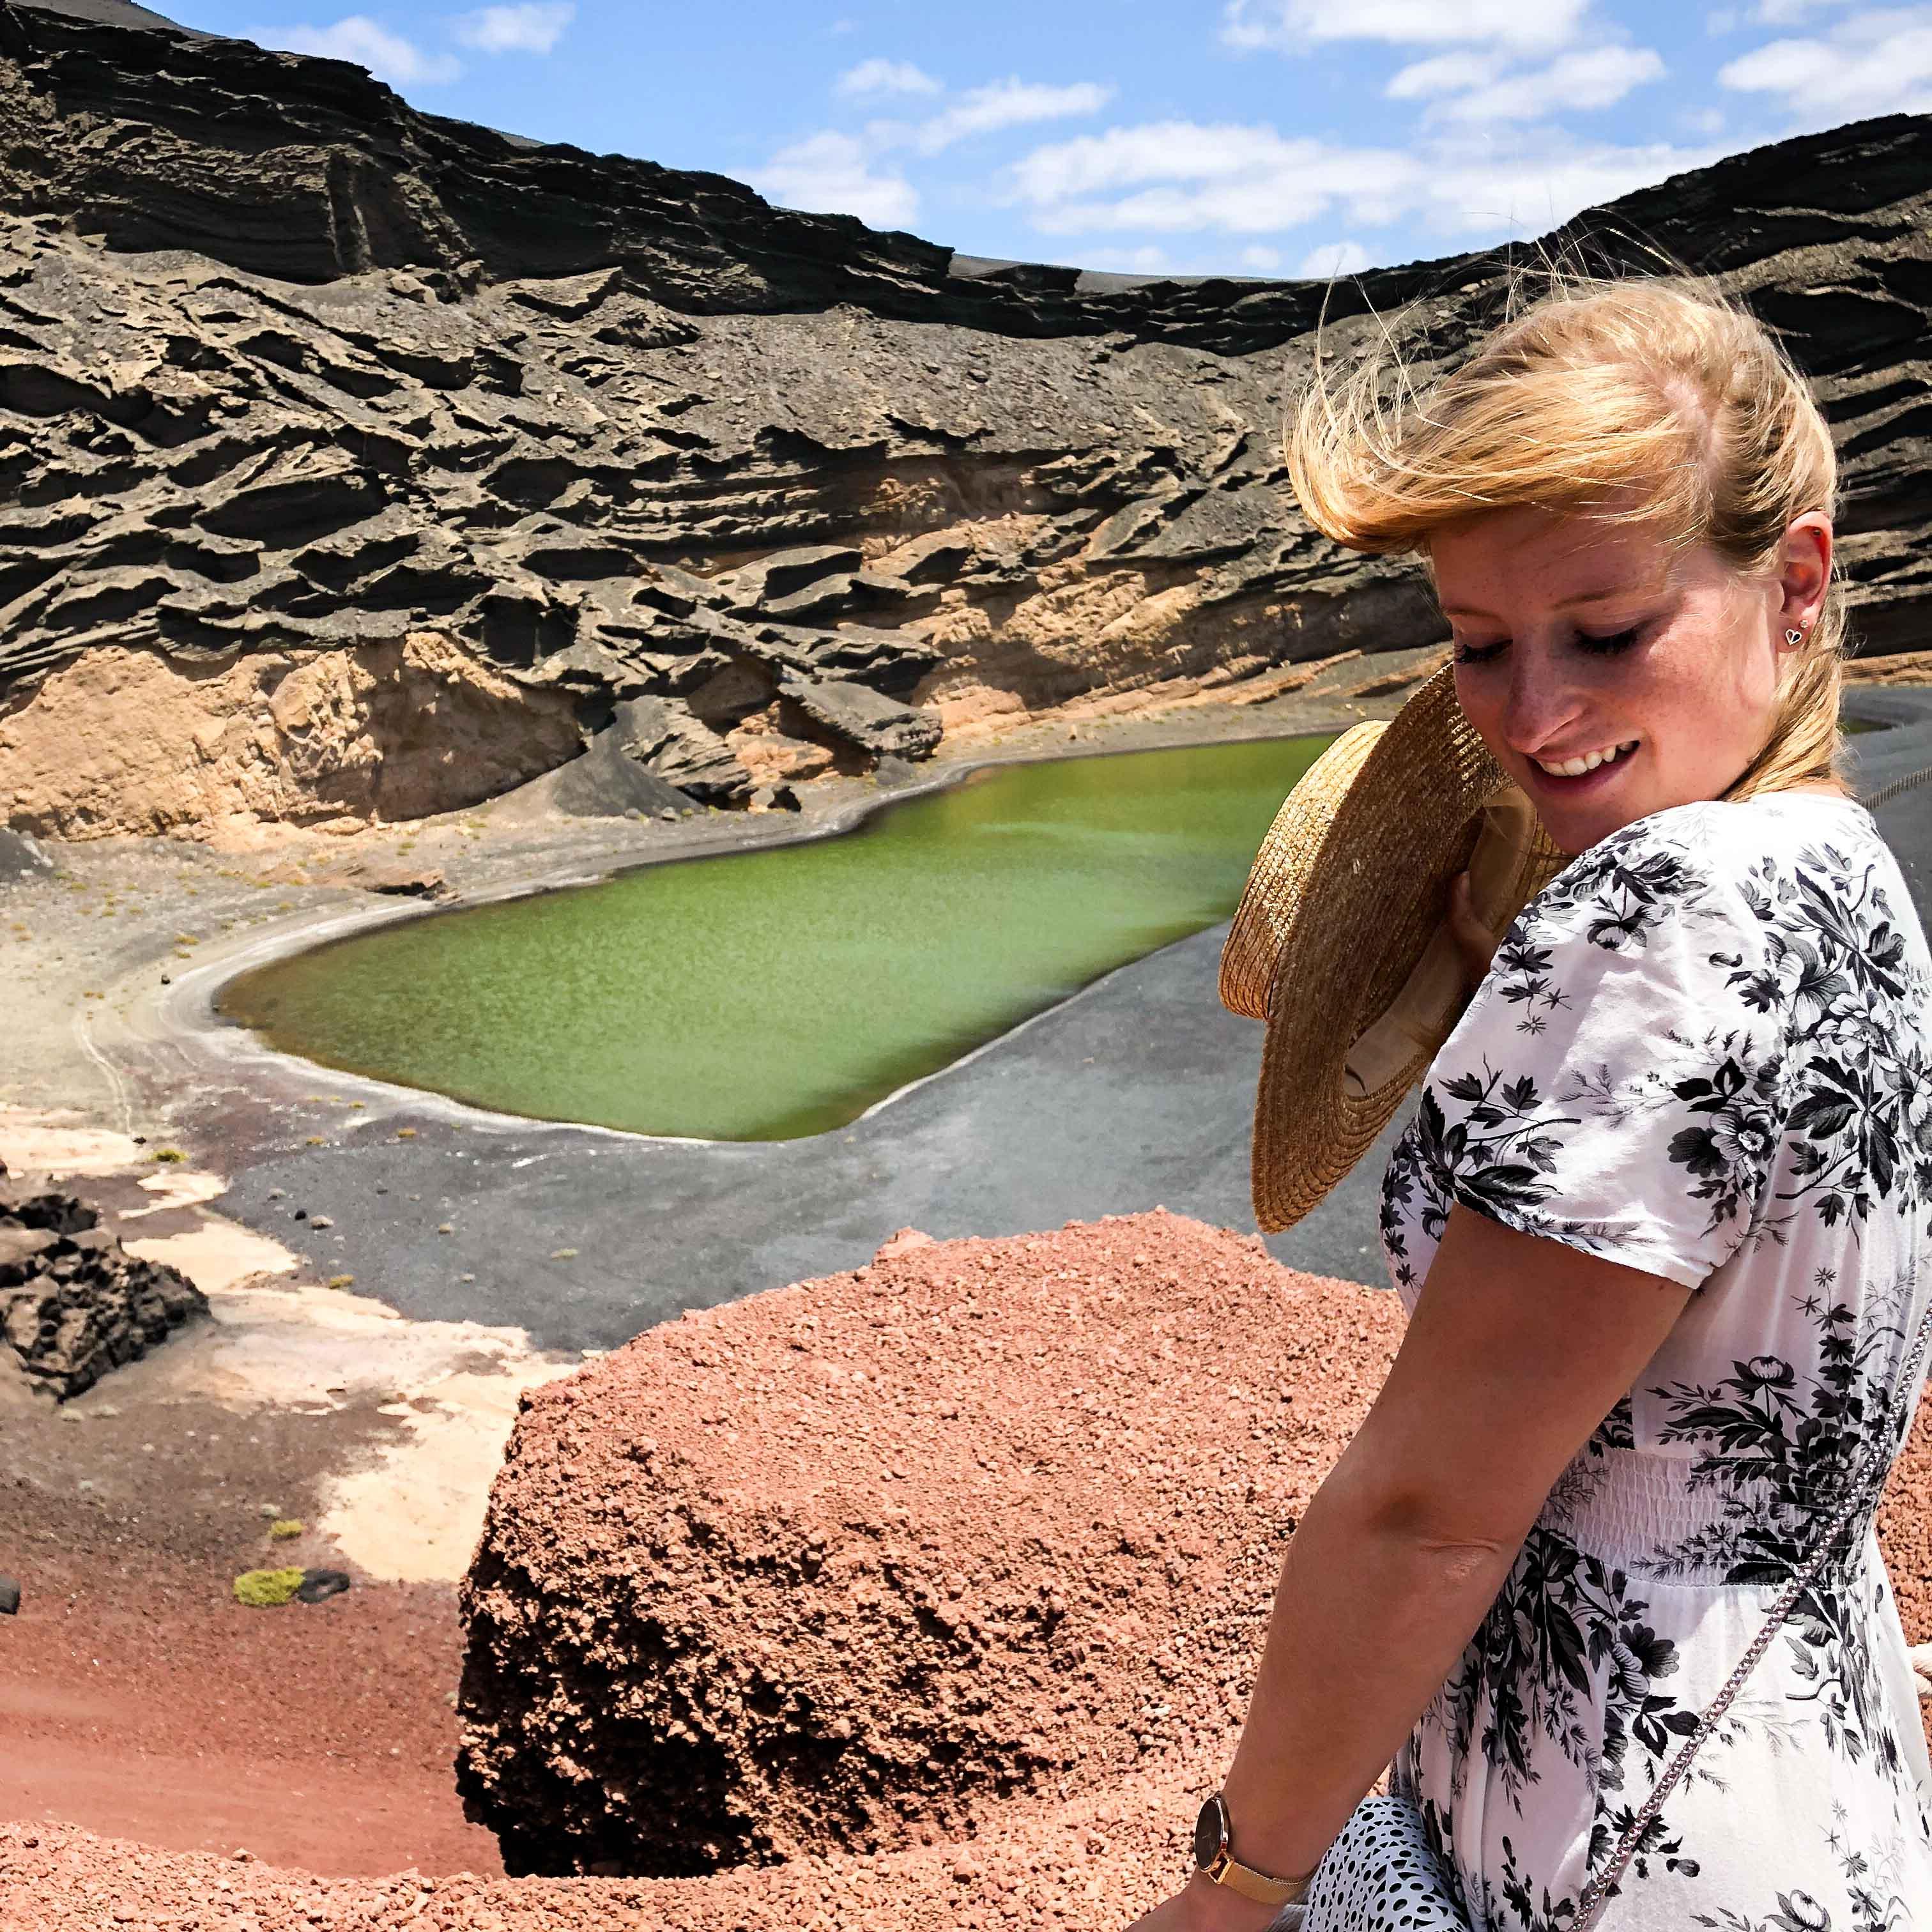 El Golfo grüne Lagune Brini Reiseblog schwarzer Strand Klippen Top 10 Tipps Lanzarote Sehenswürdigkeiten Insider Tipps Lanzarote Spanien